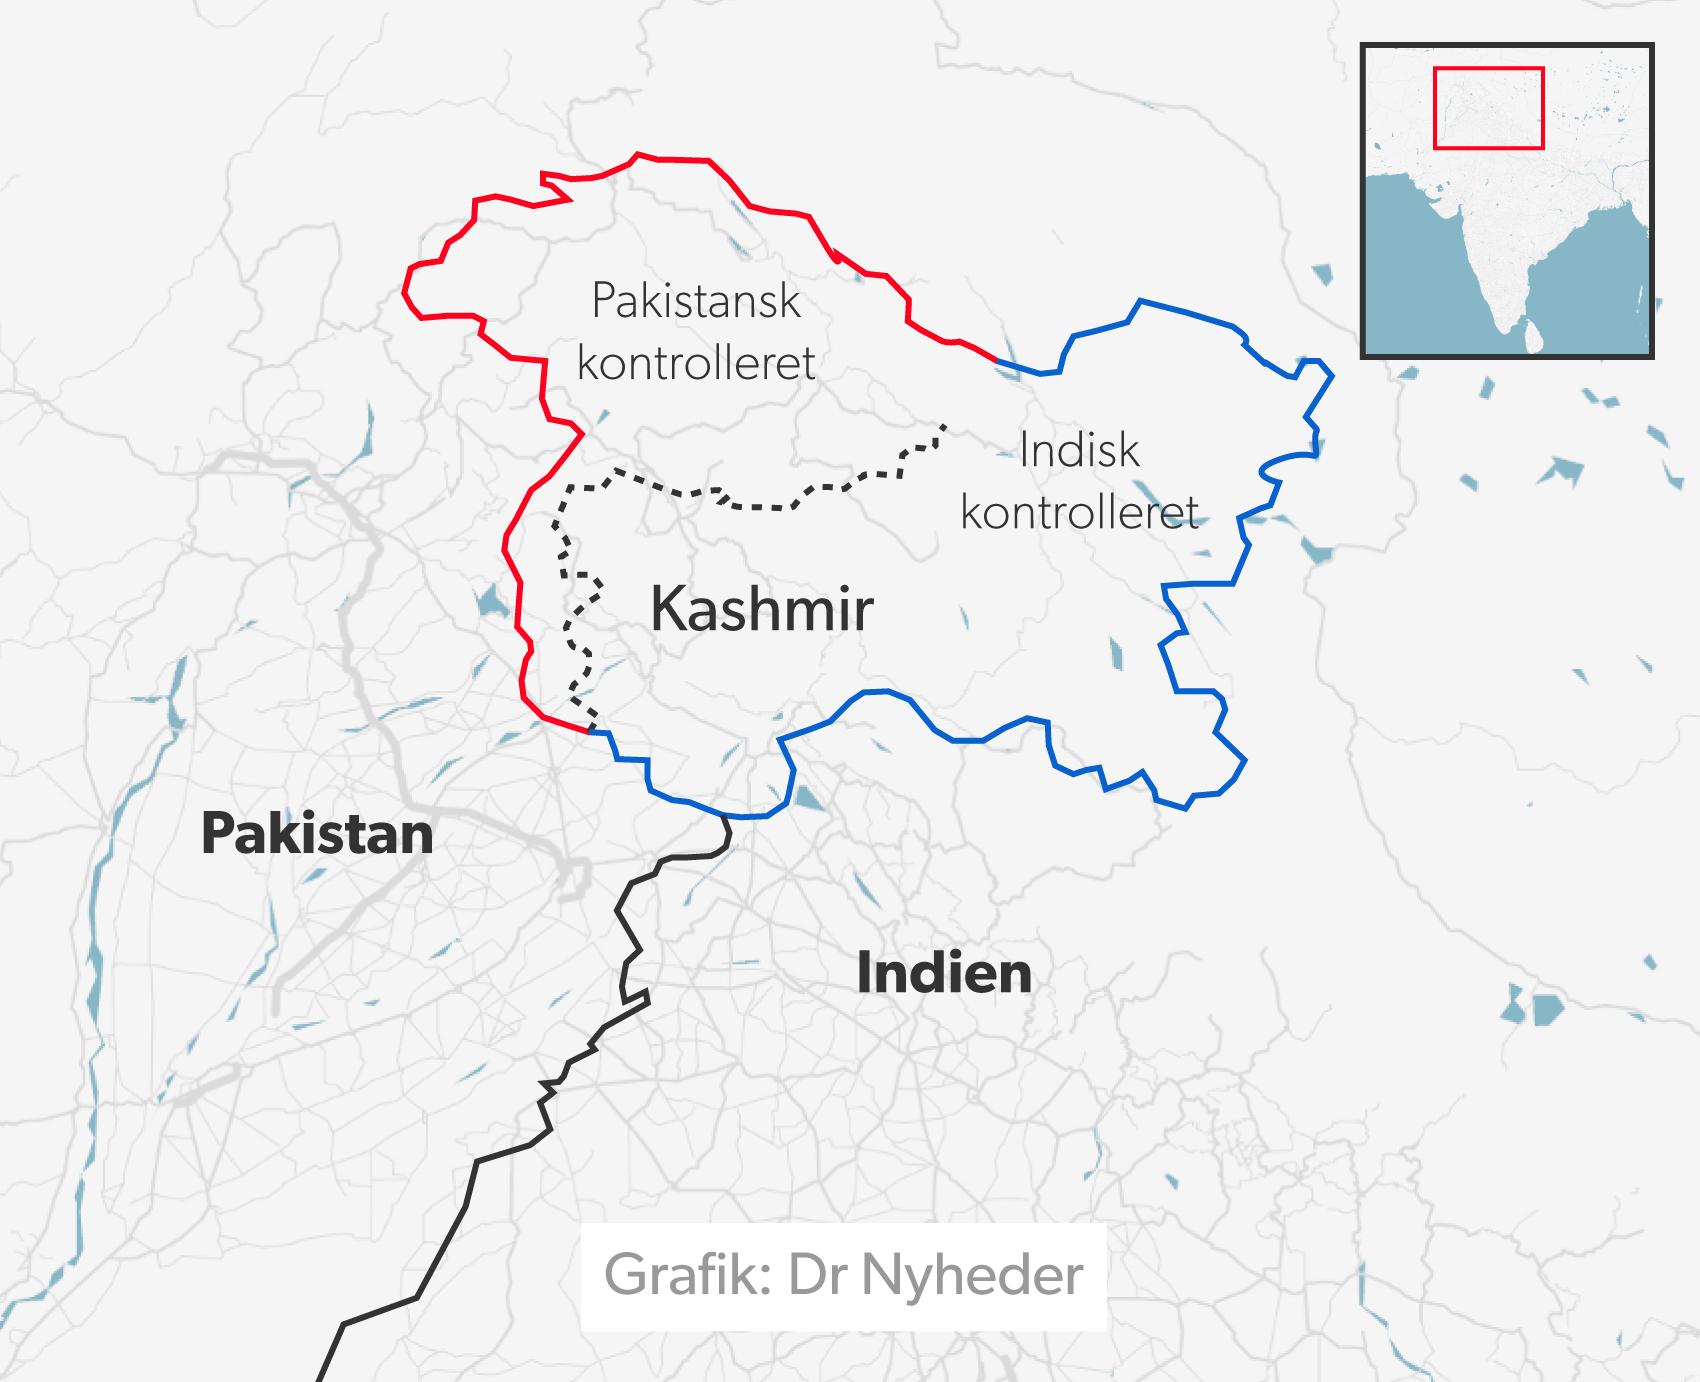 Indien og Pakistan kontrollerer begge dele af Kashmir.